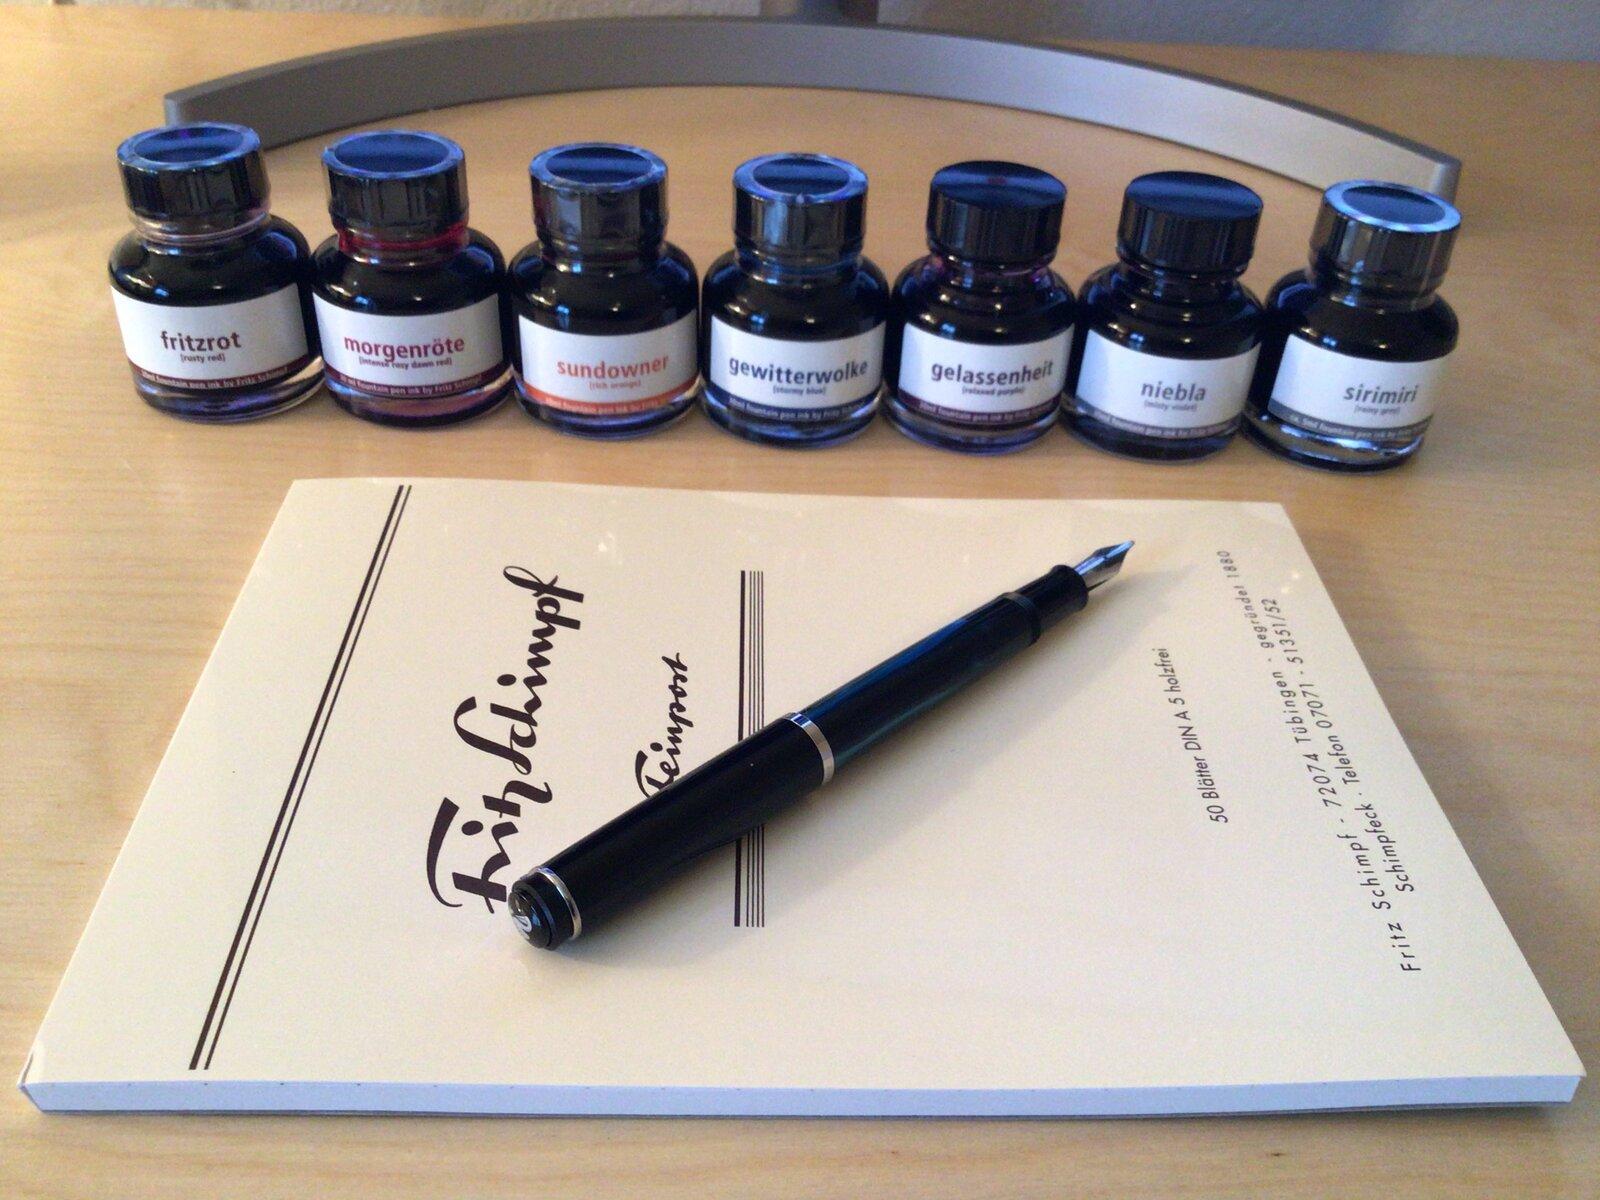 Fritz Schimpf pen, paper & inks